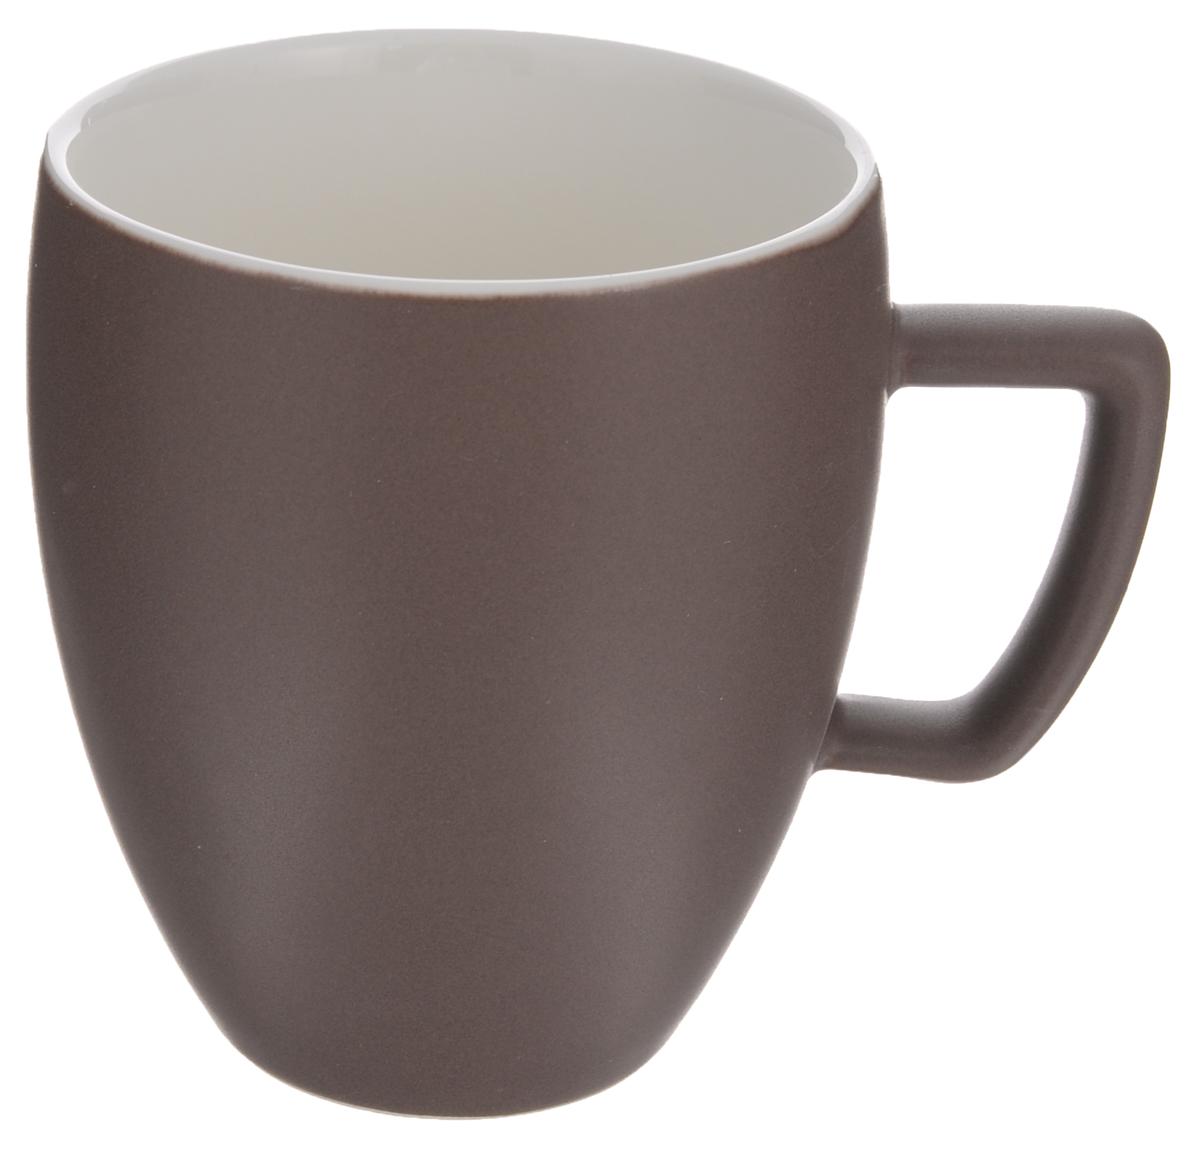 Кружка Tescoma Crema Tone, цвет: коричневый, 300 мл387146_коричневыйКружка Tescoma Crema Tone, изготовленная из высококачественного фарфора, прекрасно дополнит интерьер вашей кухни. Изящный дизайн кружки придется по вкусу и ценителям классики, и тем, кто предпочитает утонченность и изысканность. Кружка Tescoma Crema Tone станет хорошим подарком к любому празднику. Диаметр (по верхнему краю): 8 см.Высота: 10 см.